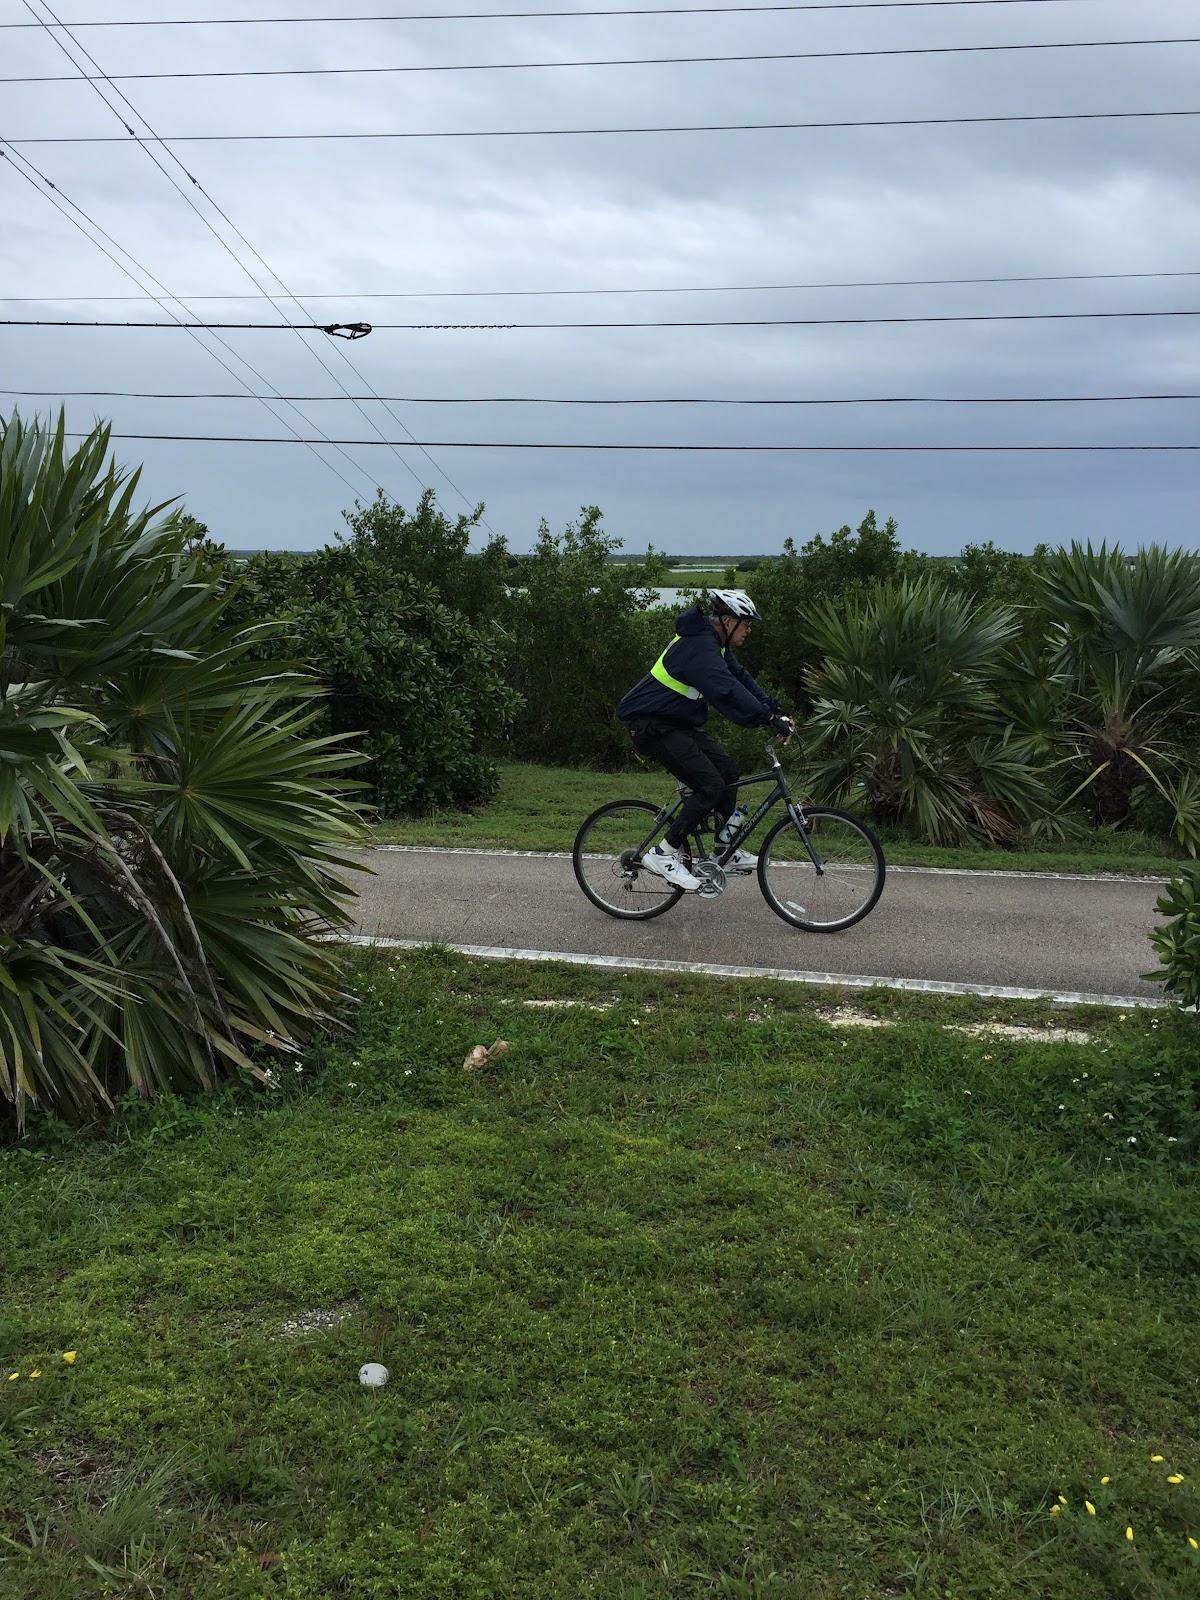 Key west diary florida heritage bike path for Key west bike trails